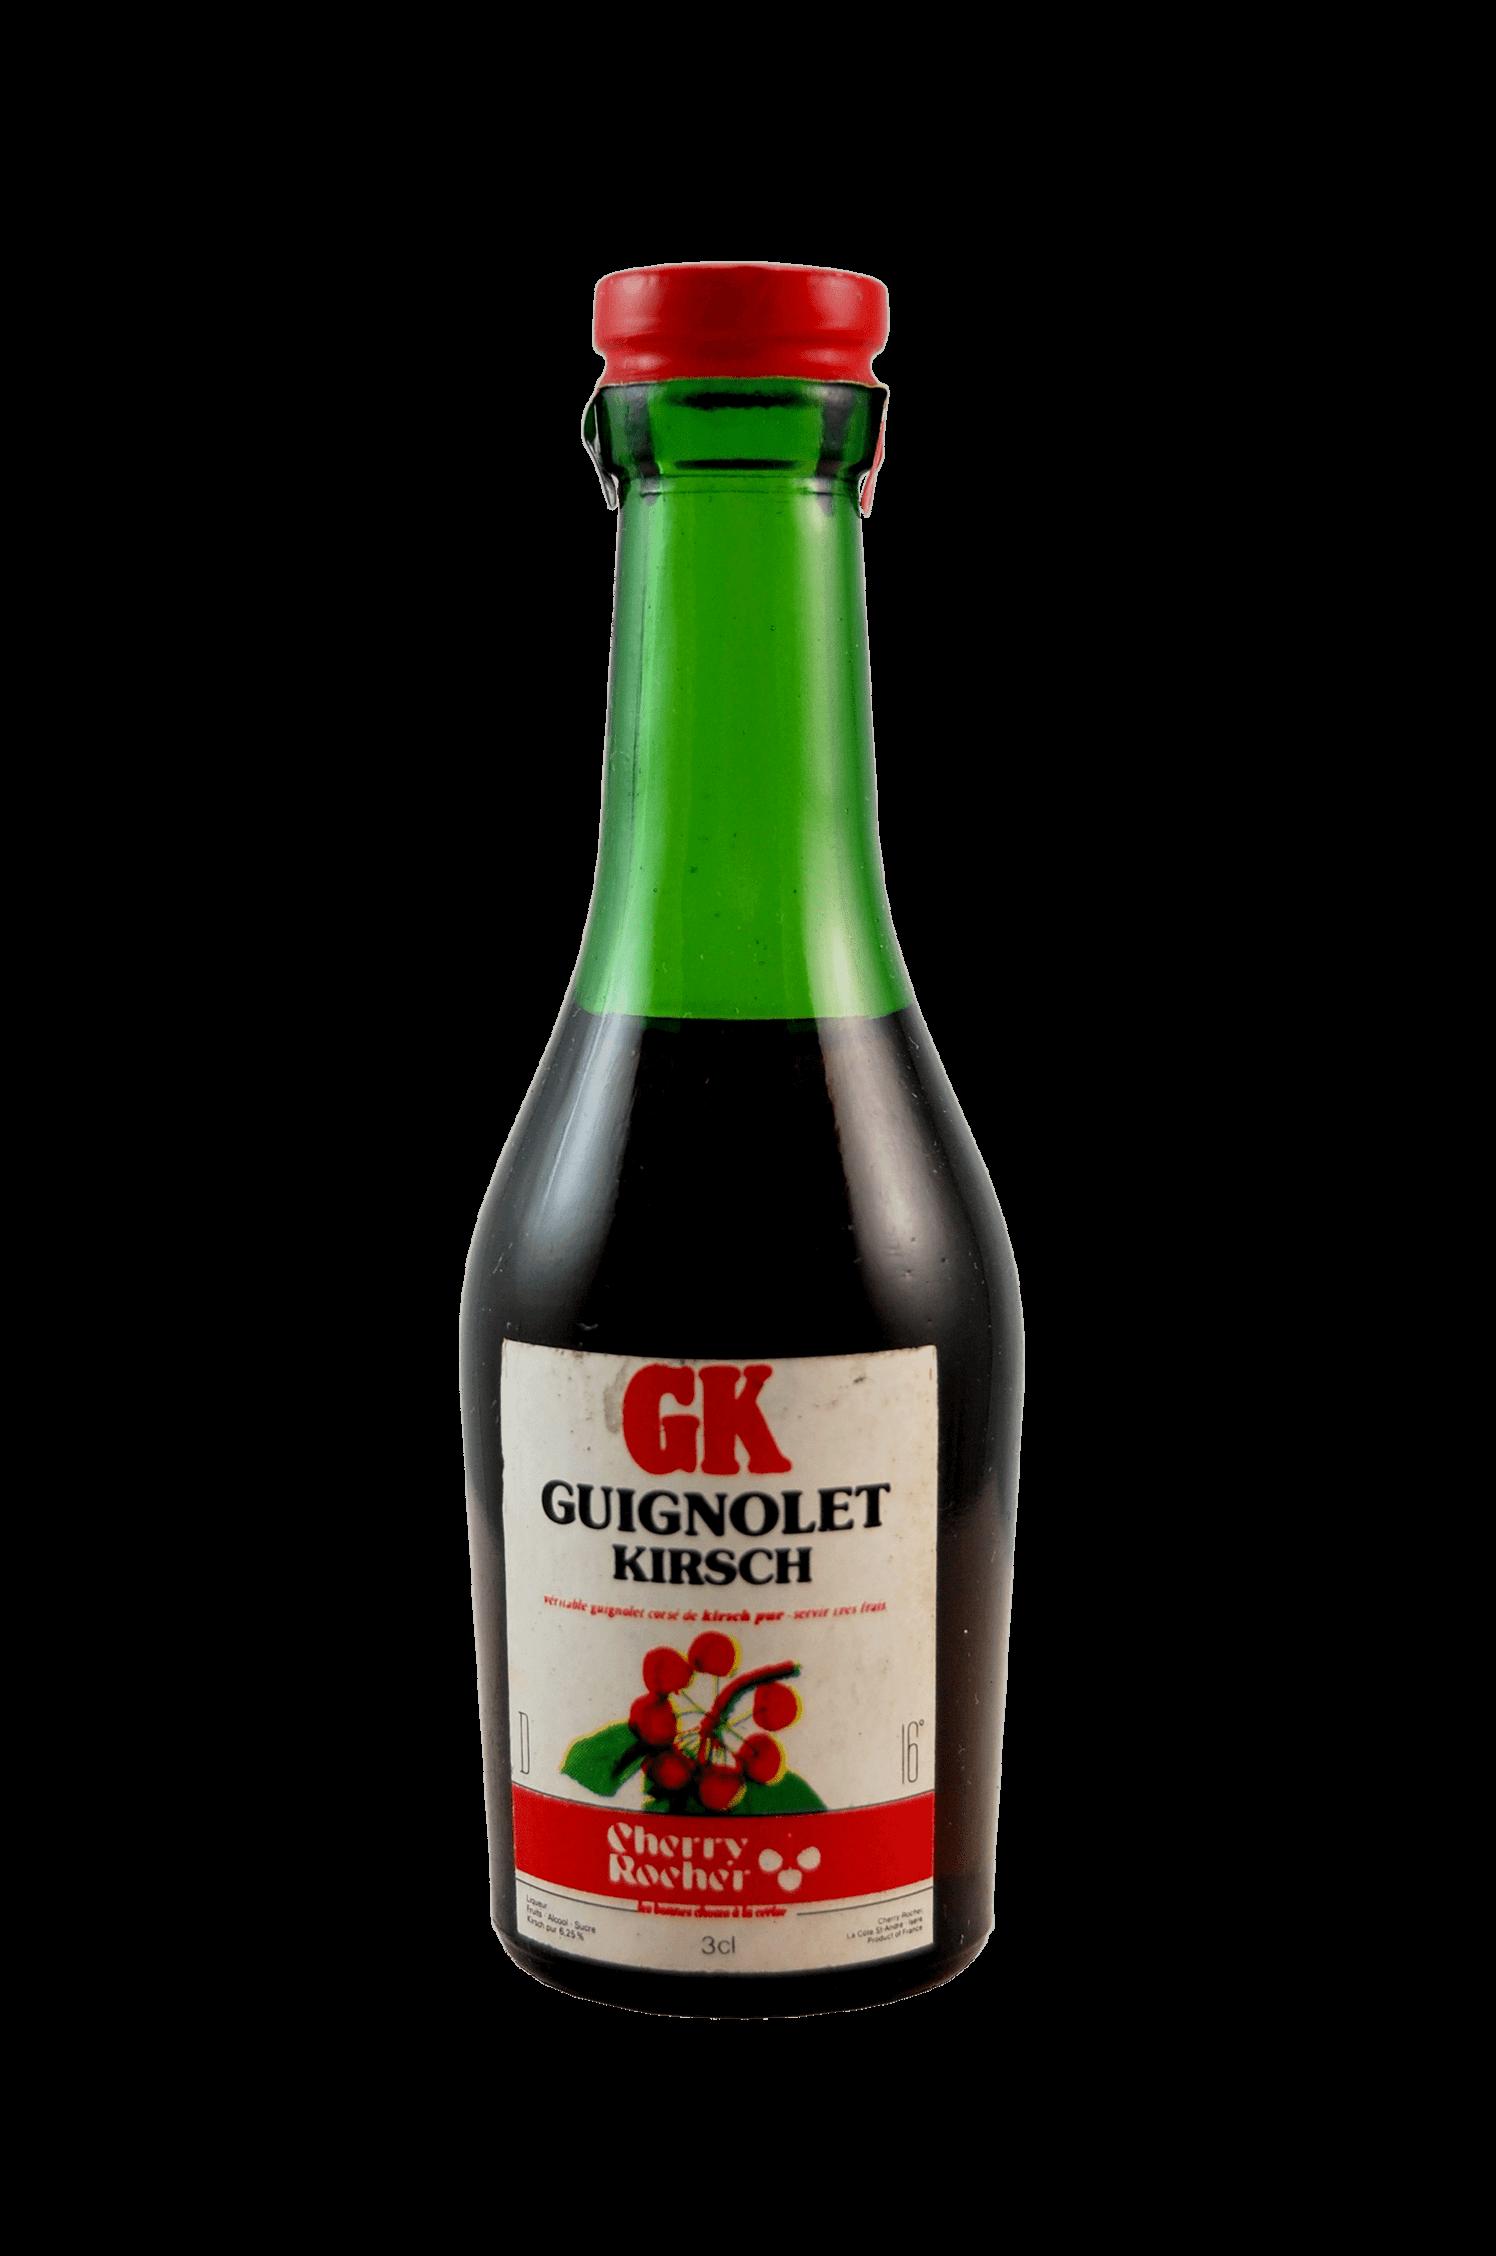 Guignolet Kirsch